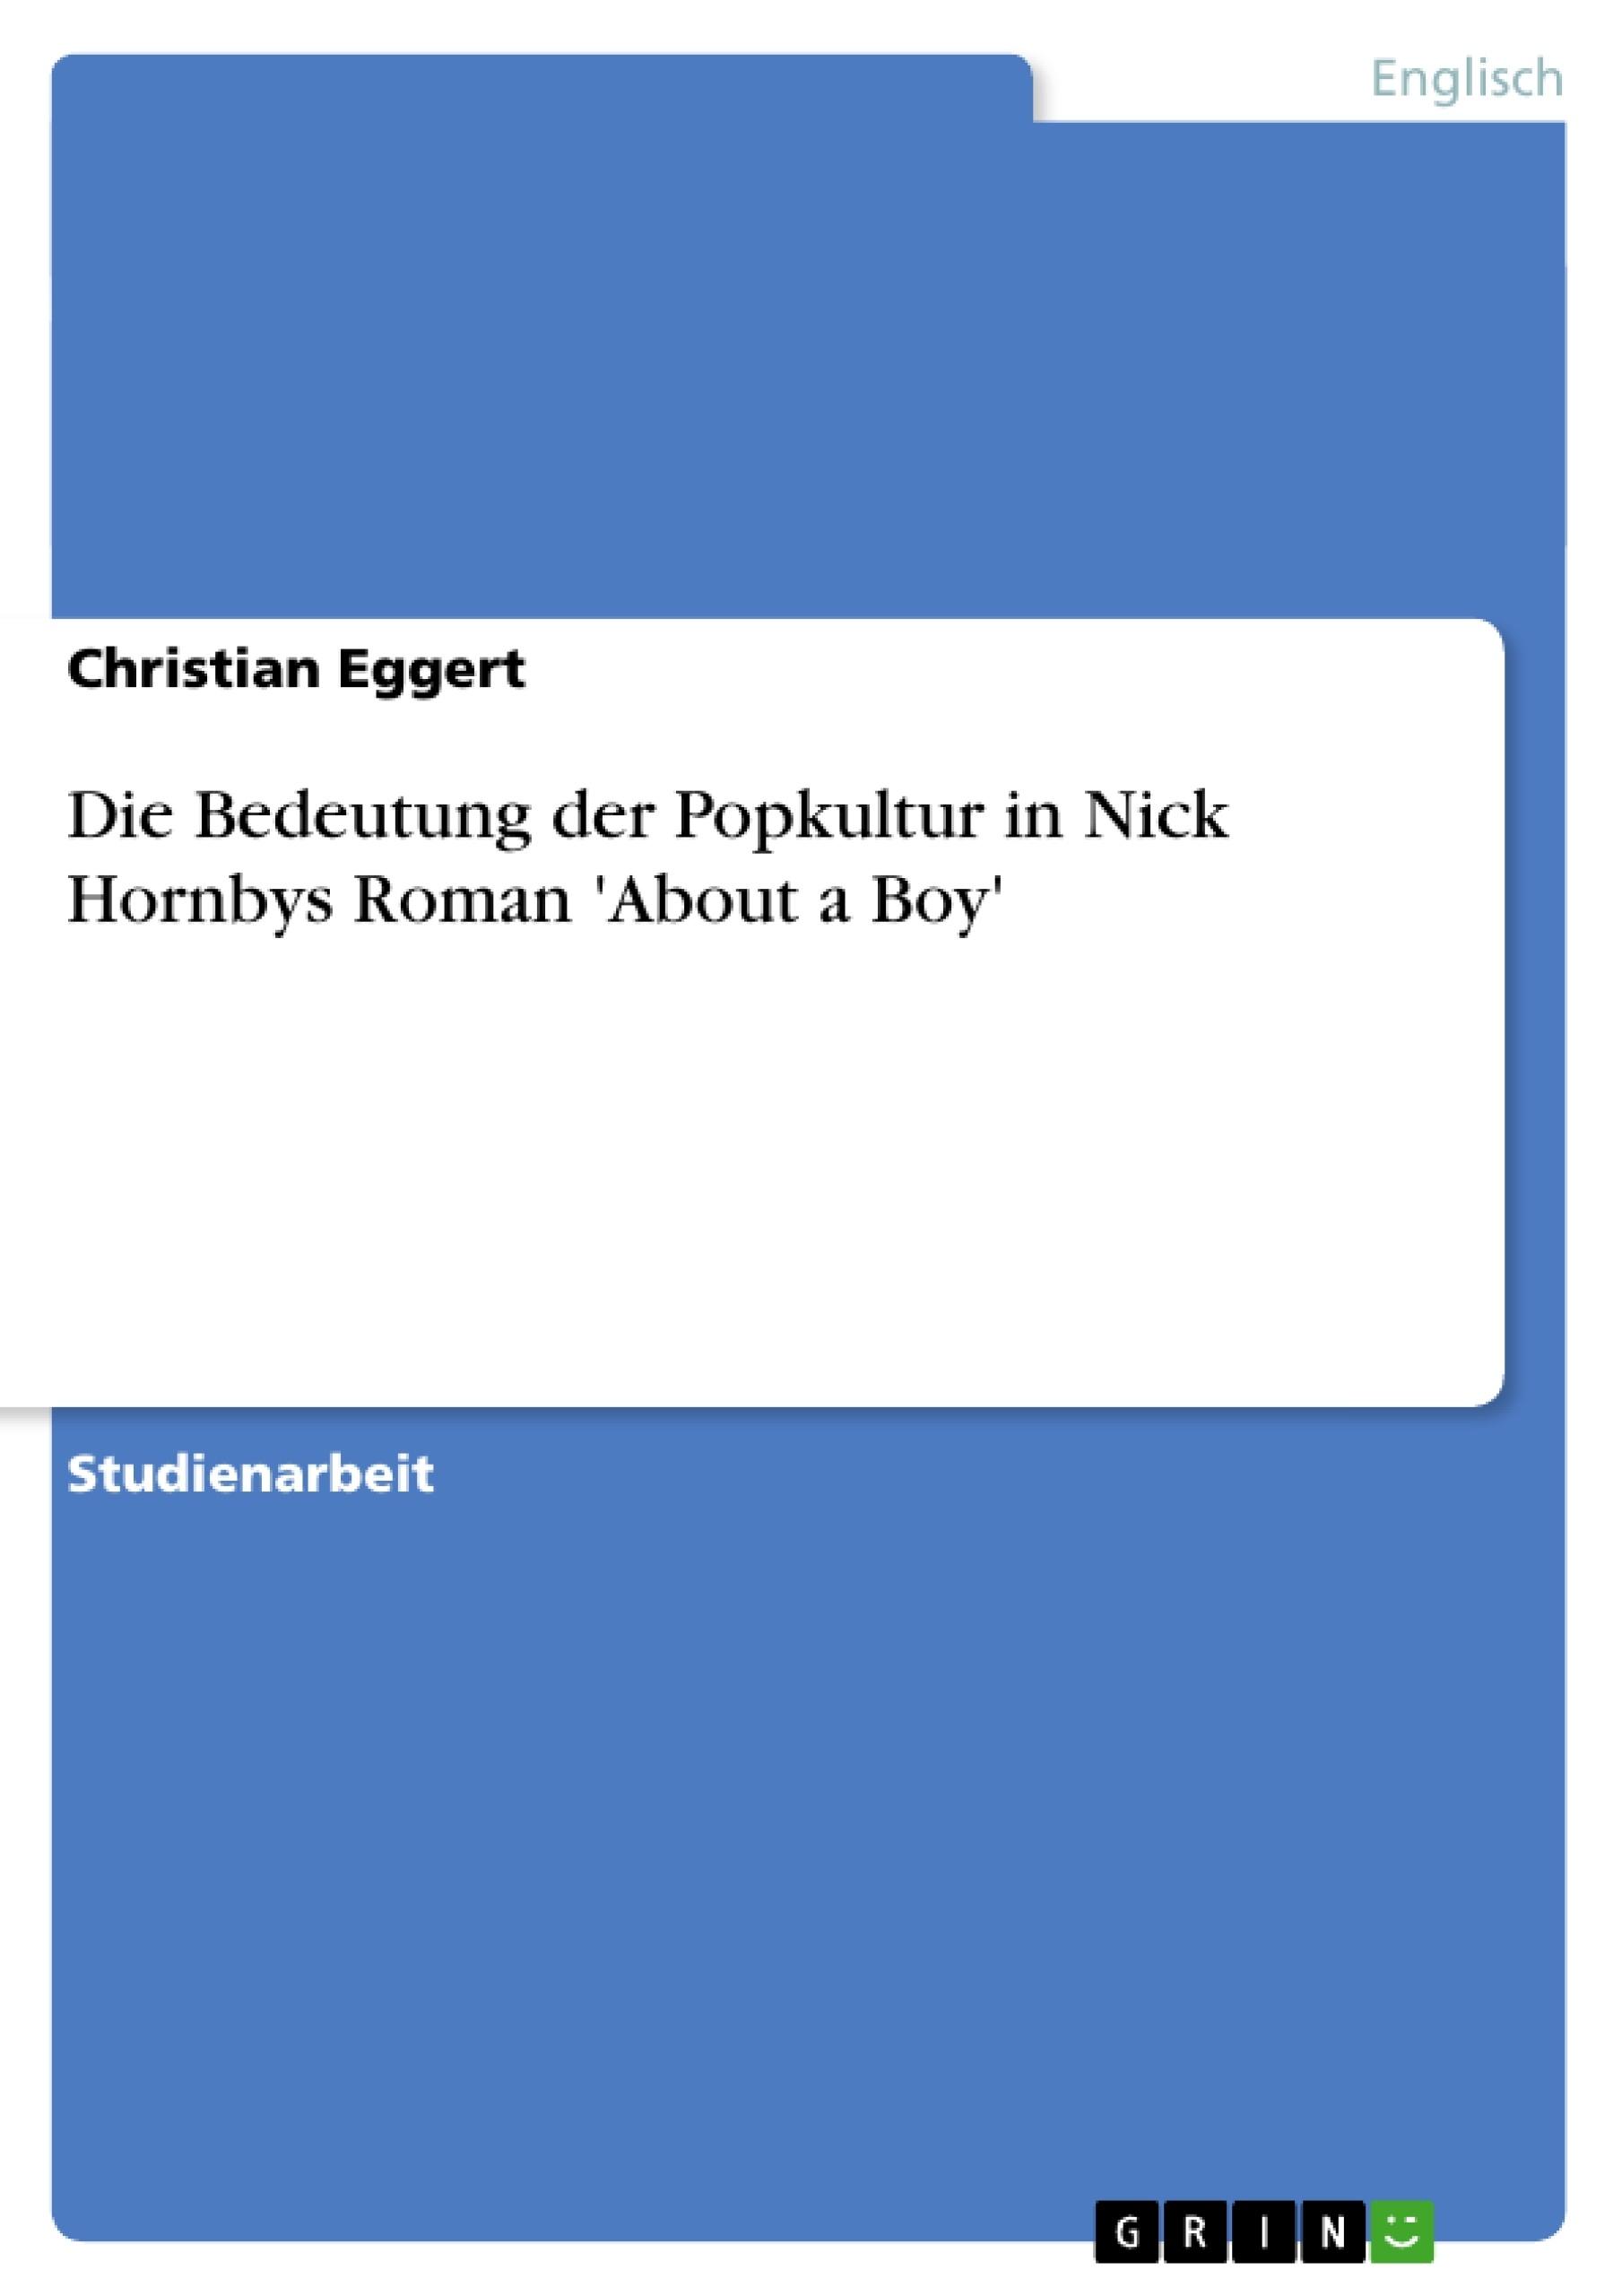 Titel: Die Bedeutung der Popkultur in Nick Hornbys Roman 'About a Boy'